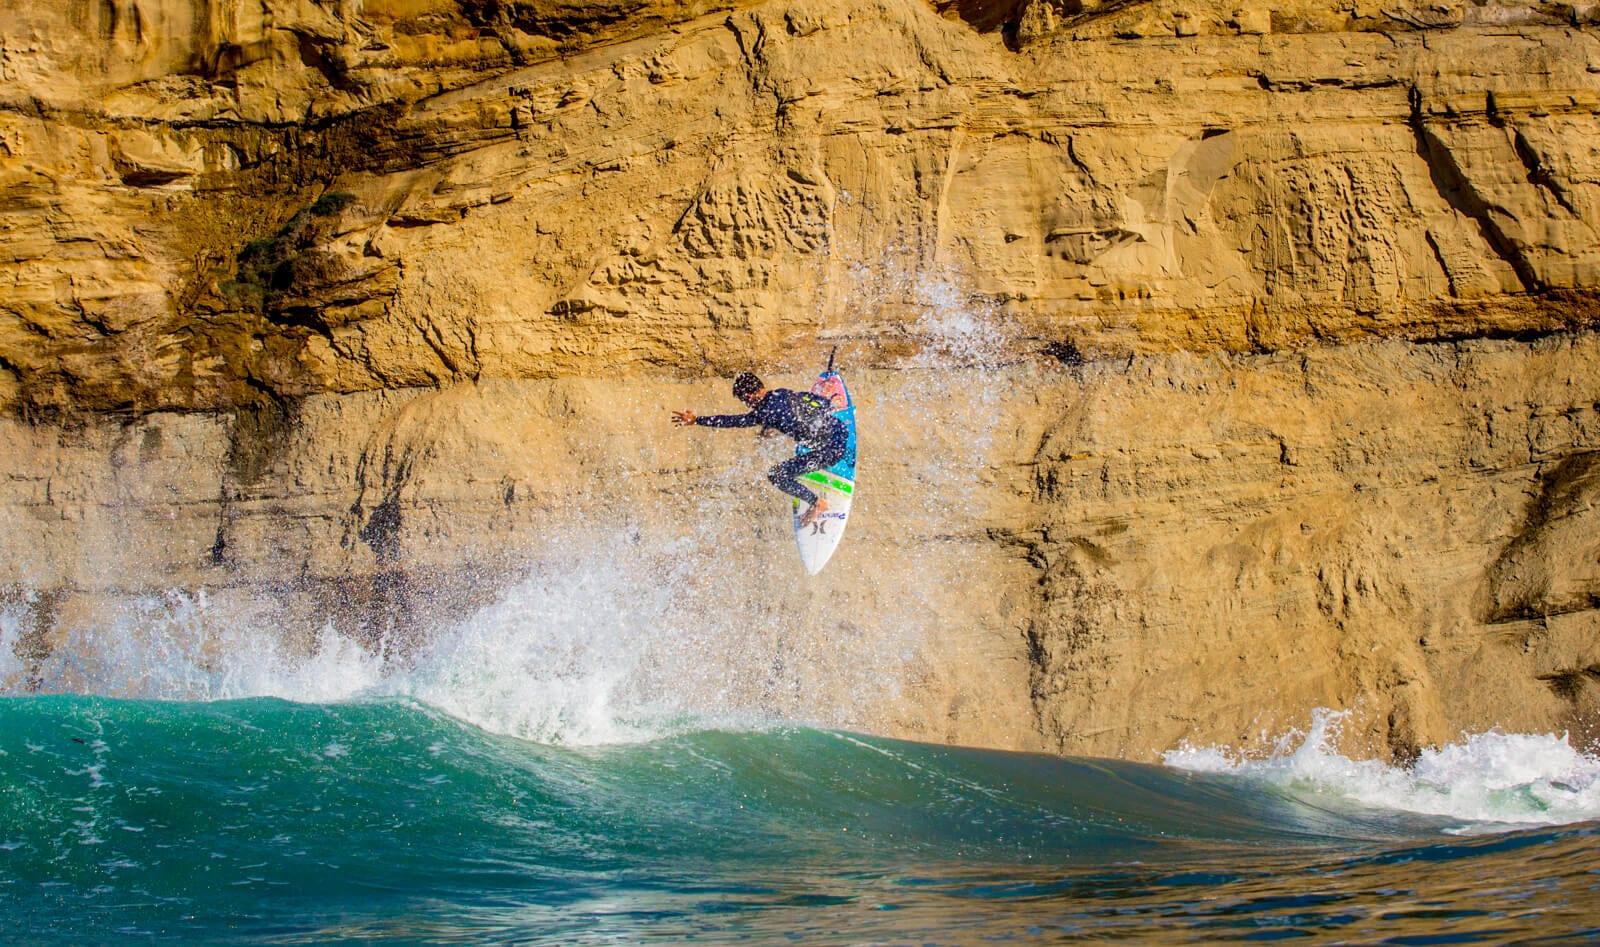 Filipe Toledo massive air - surf technique